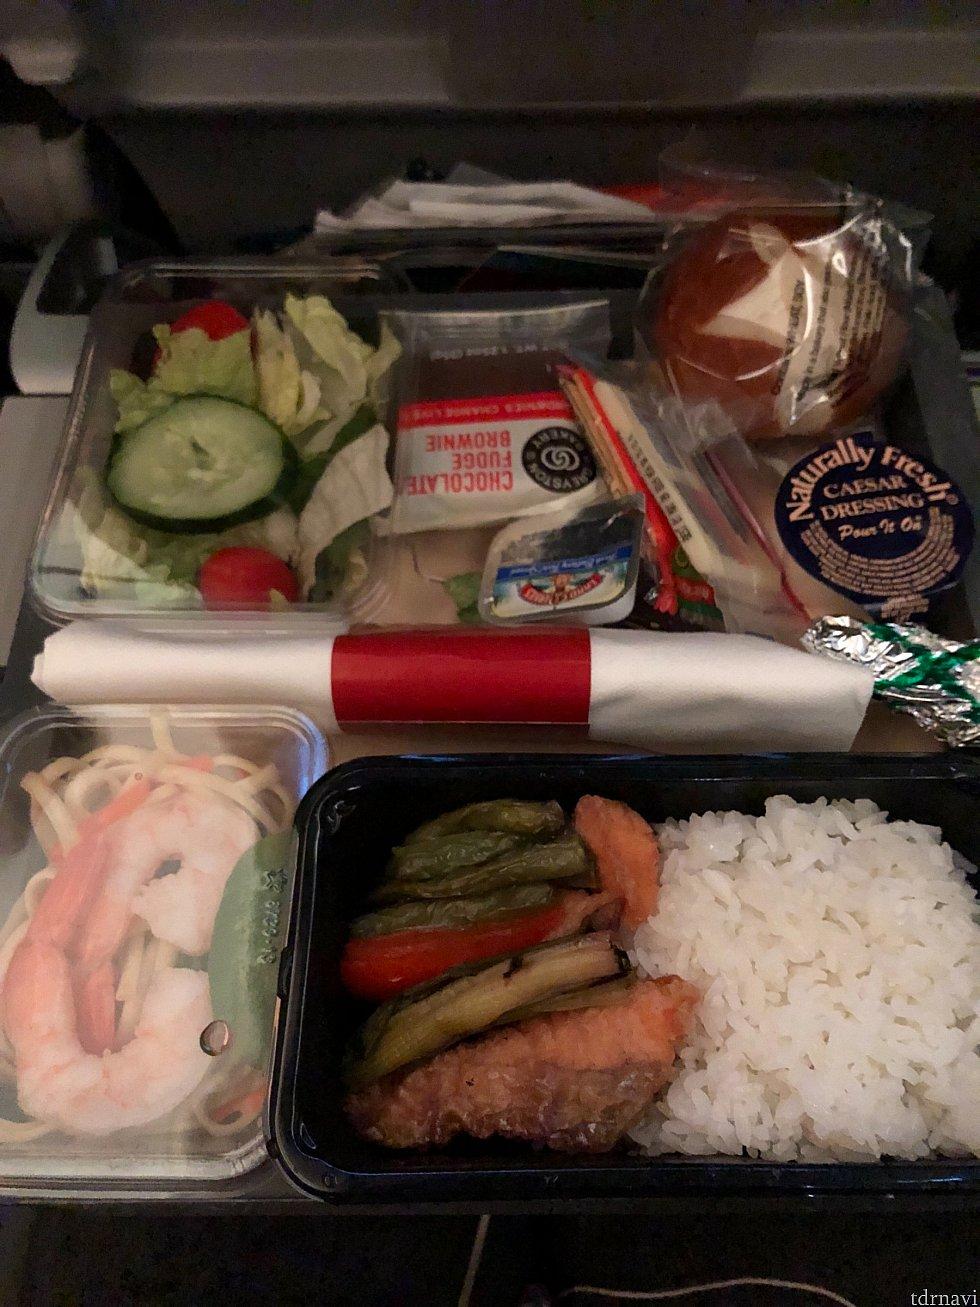 帰りの機内食です。鮭の山椒焼きを選びました。パンはいつも冷えてて固いです。